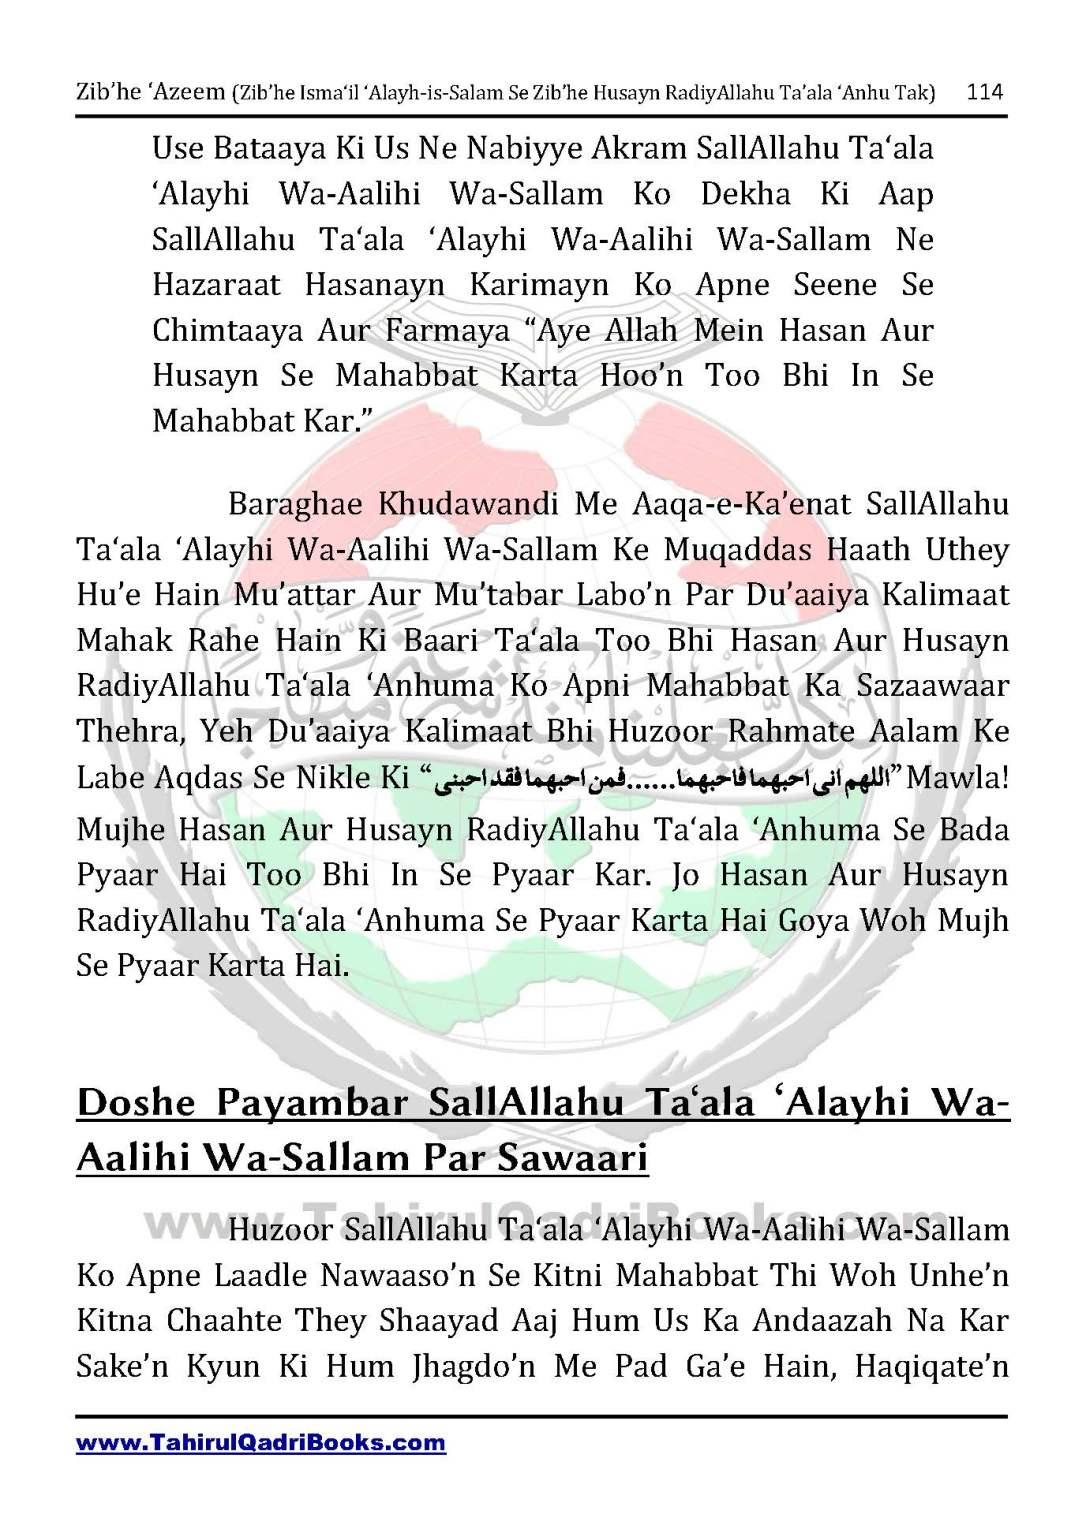 zib_he-e28098azeem-zib_he-ismacabbil-se-zib_he-husayn-tak-in-roman-urdu-unlocked_Page_114